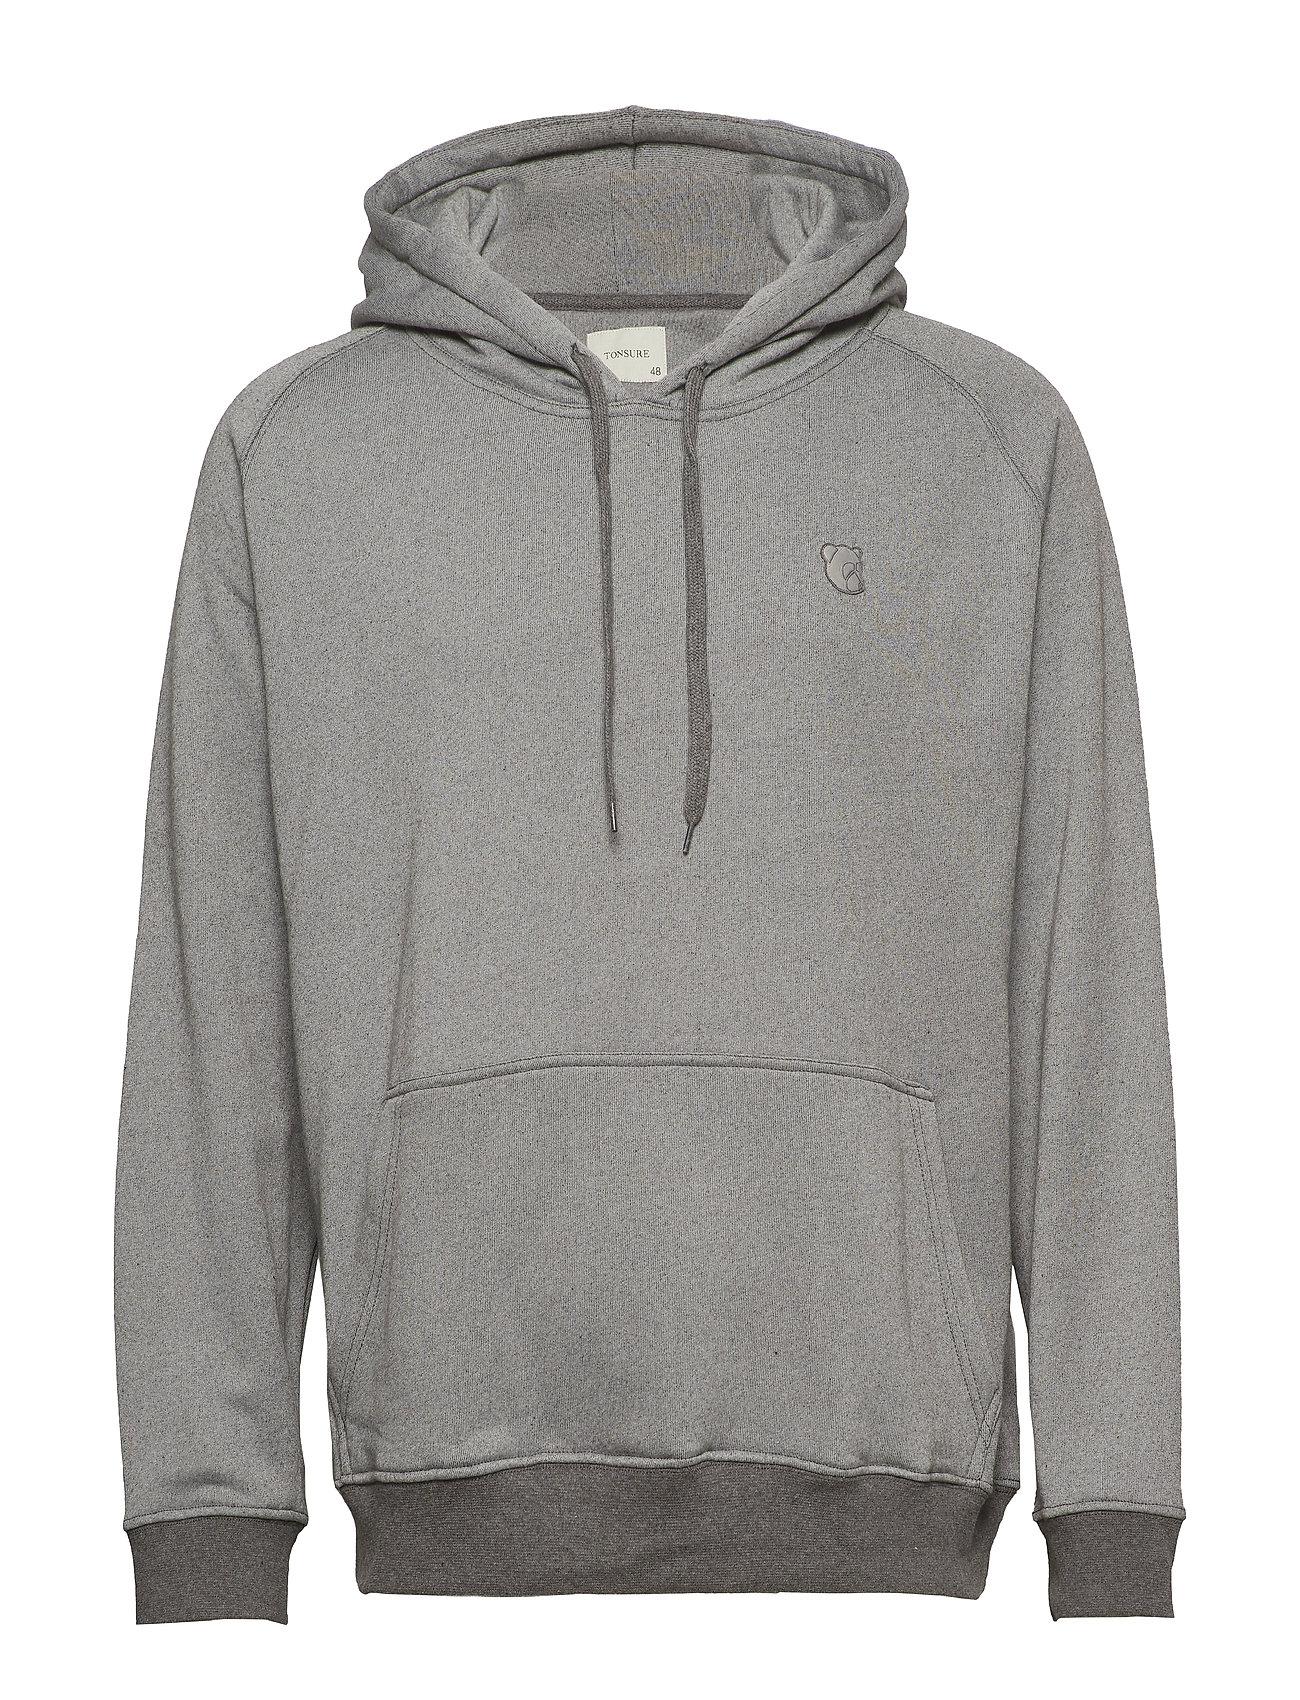 Tonsure Hoodie Sweatshirt - GREY MELANGE